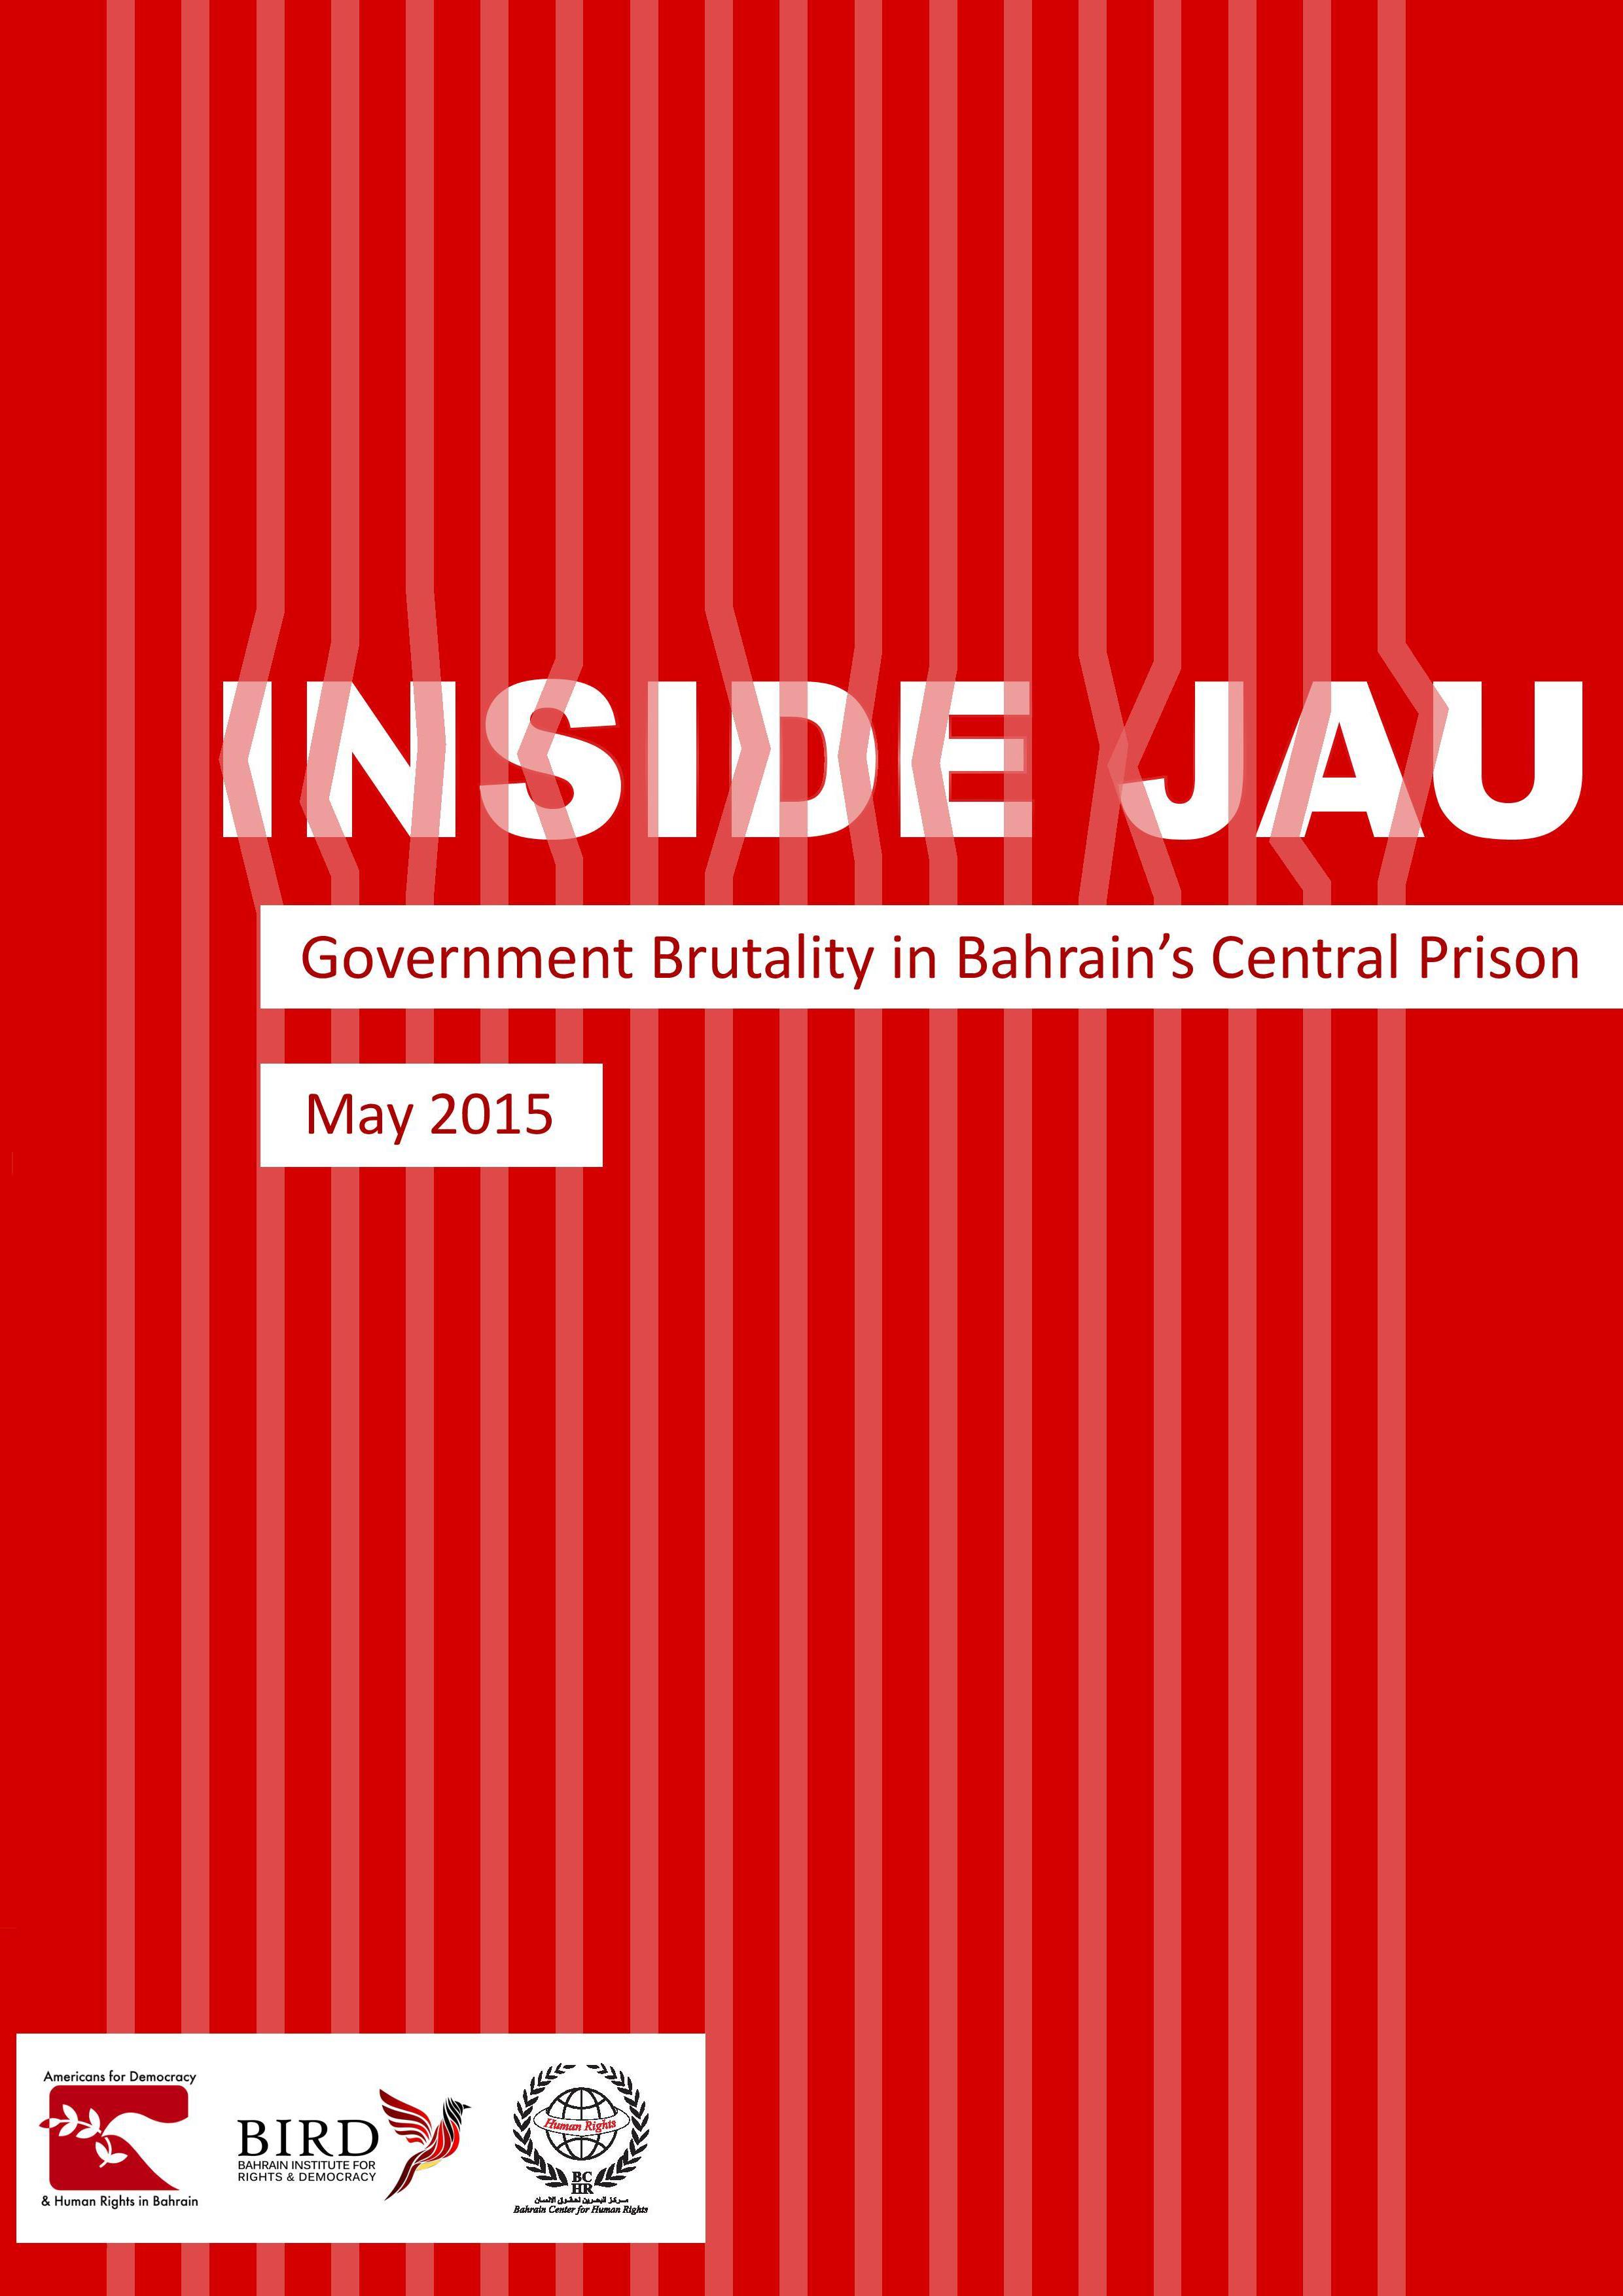 داخل جو: تقرير يفيد بتفشي التعذيب وسوء المعاملة داخل سجن البحرين السياسي